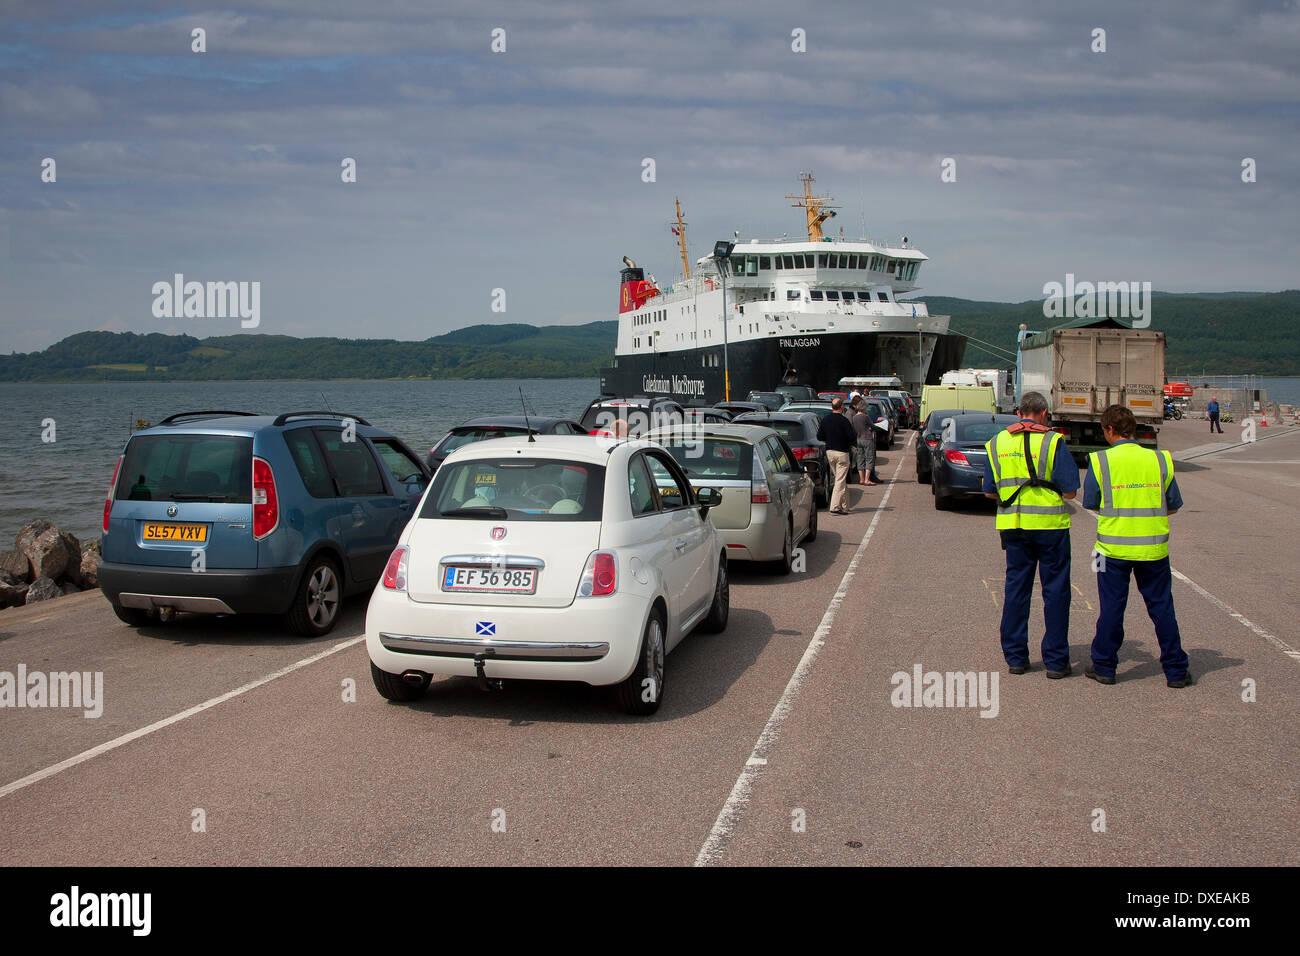 Los coches están cargados en Caledoniann MacBrayne buque 'MV' en Kennicraig Finlaggan Pier, West Loch Tarbert. Imagen De Stock